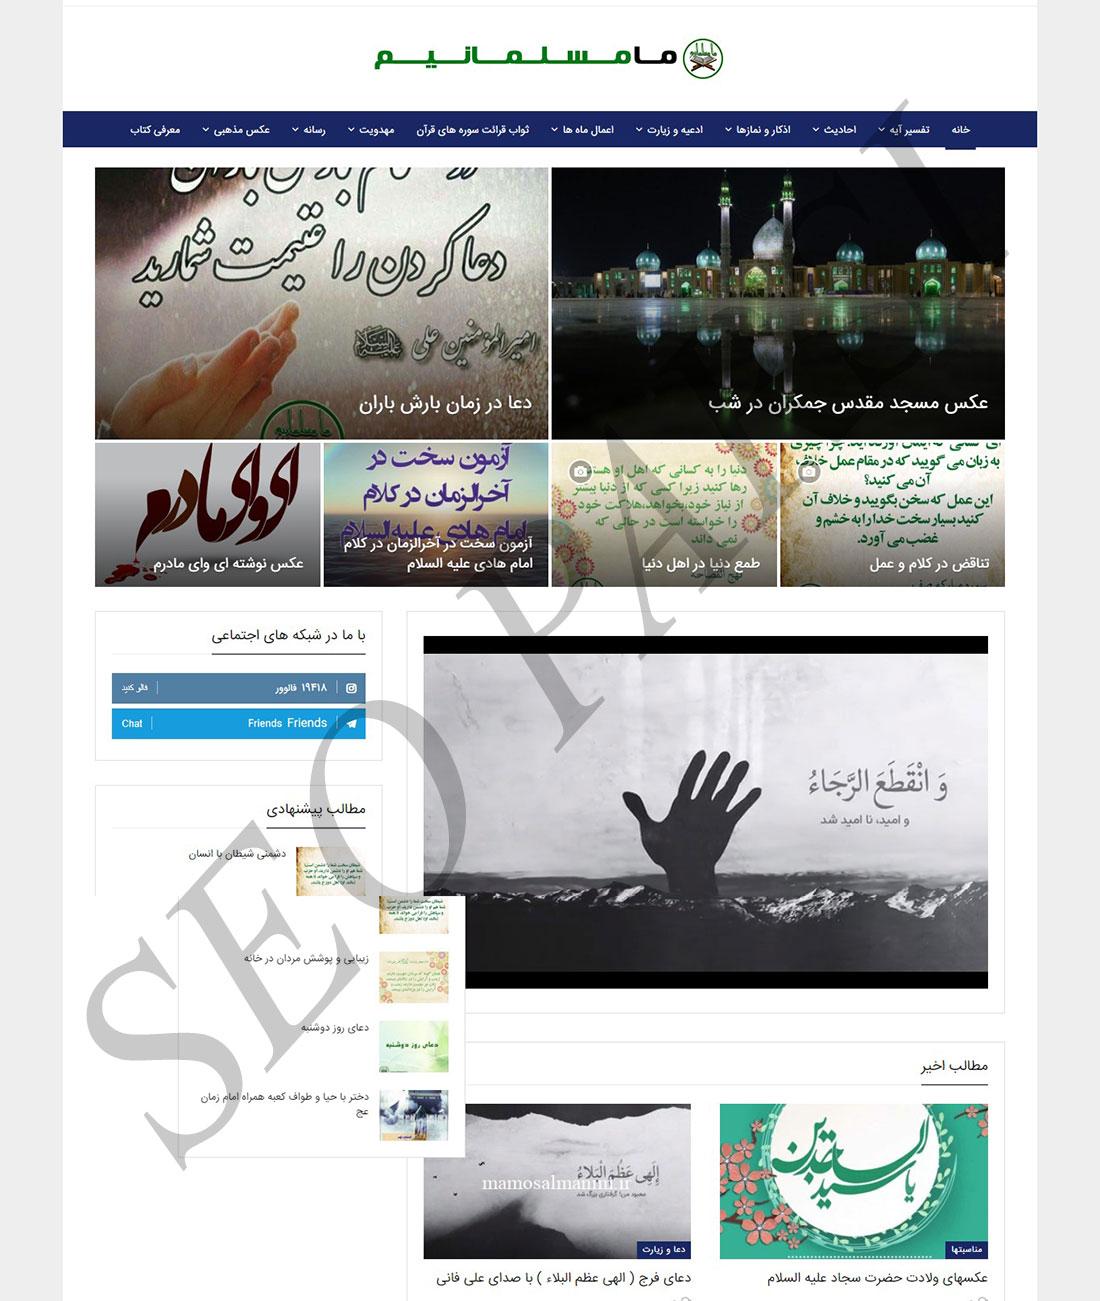 وب سایت ما مسلمانیم